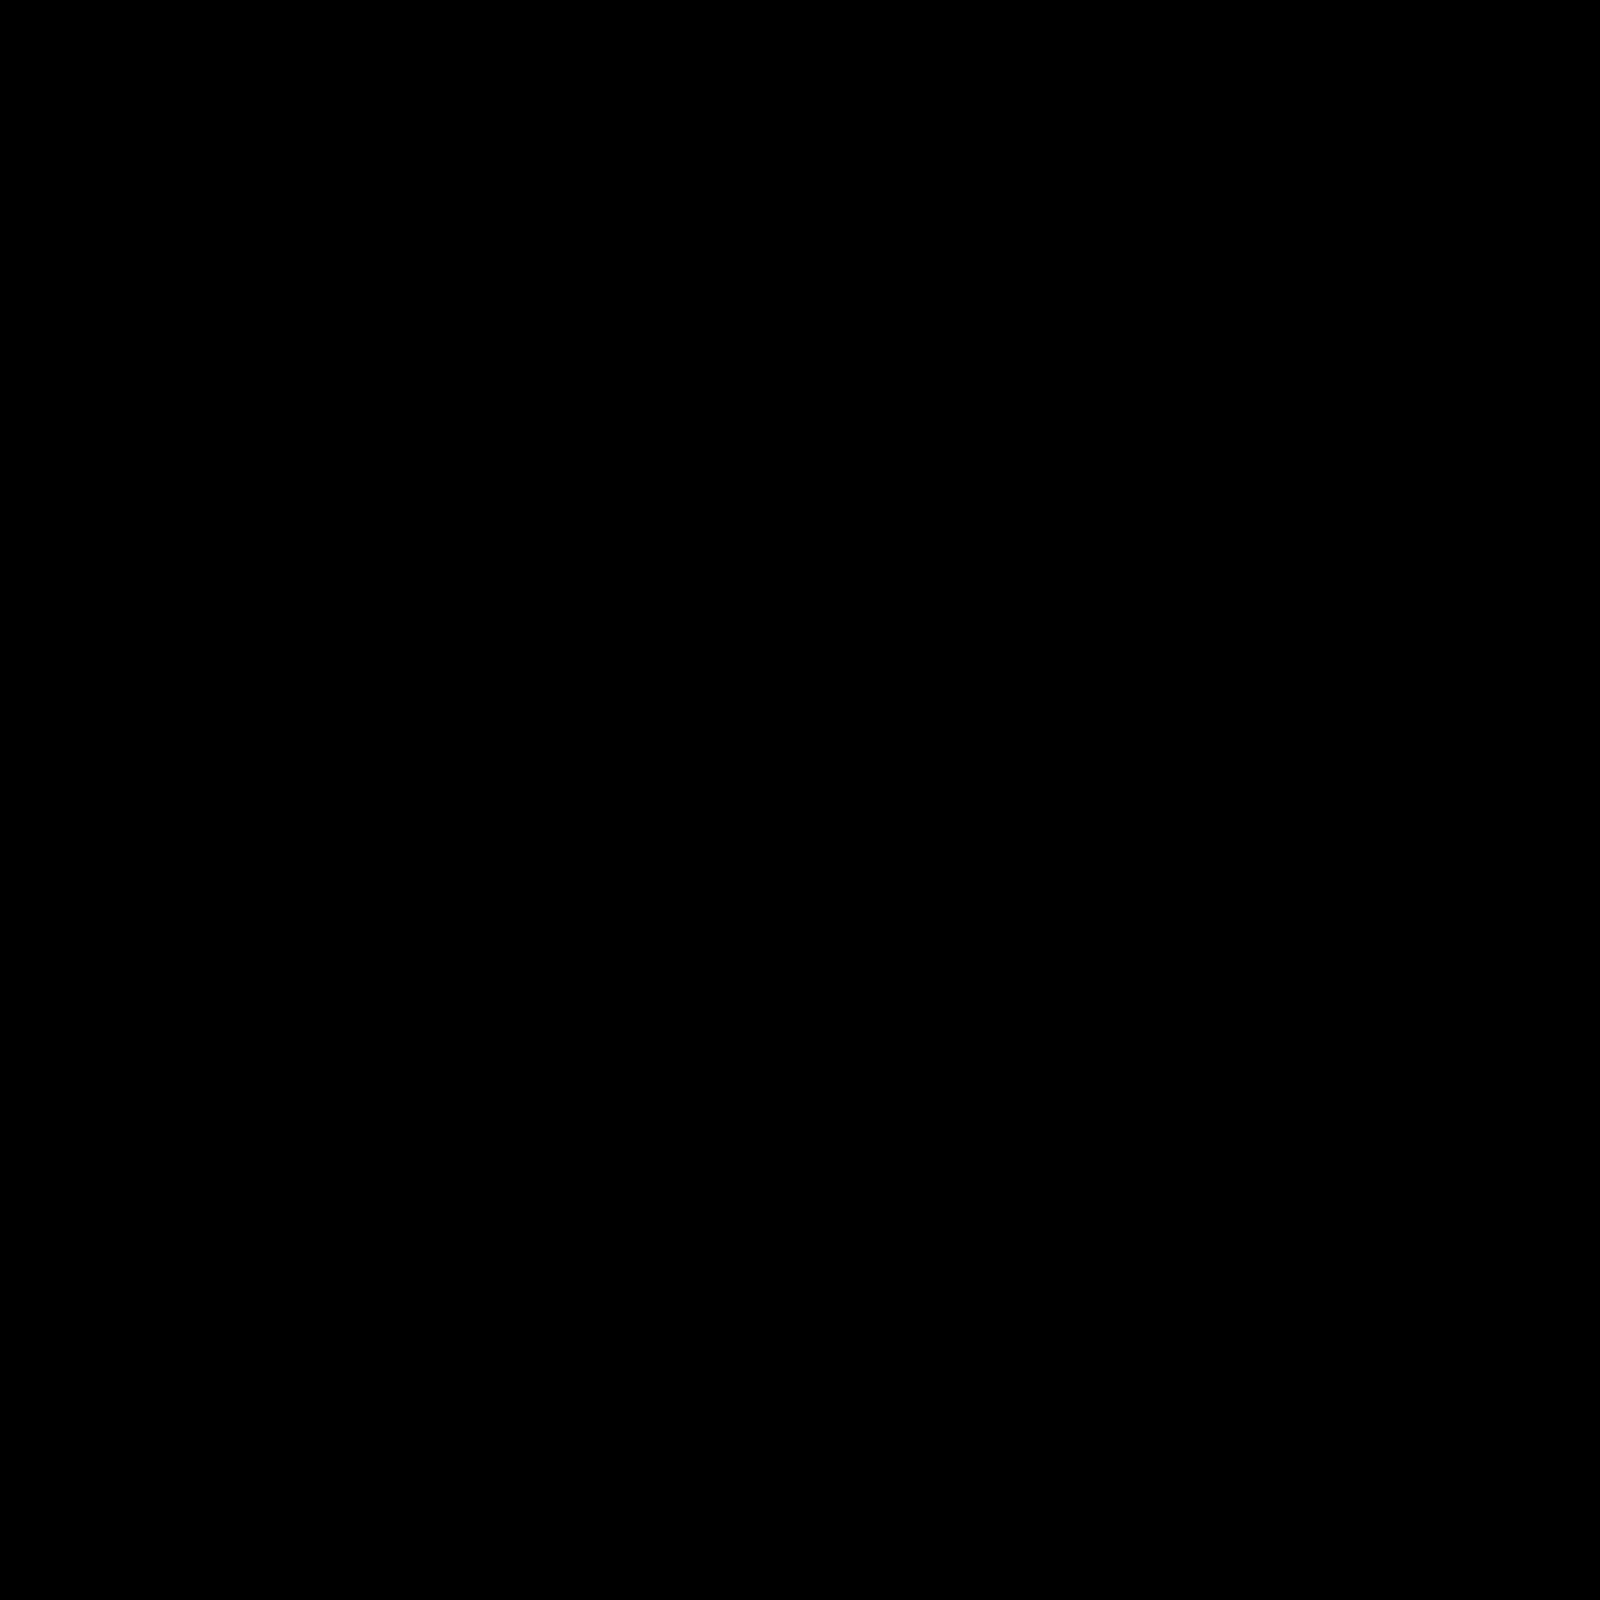 编辑邮箱 icon